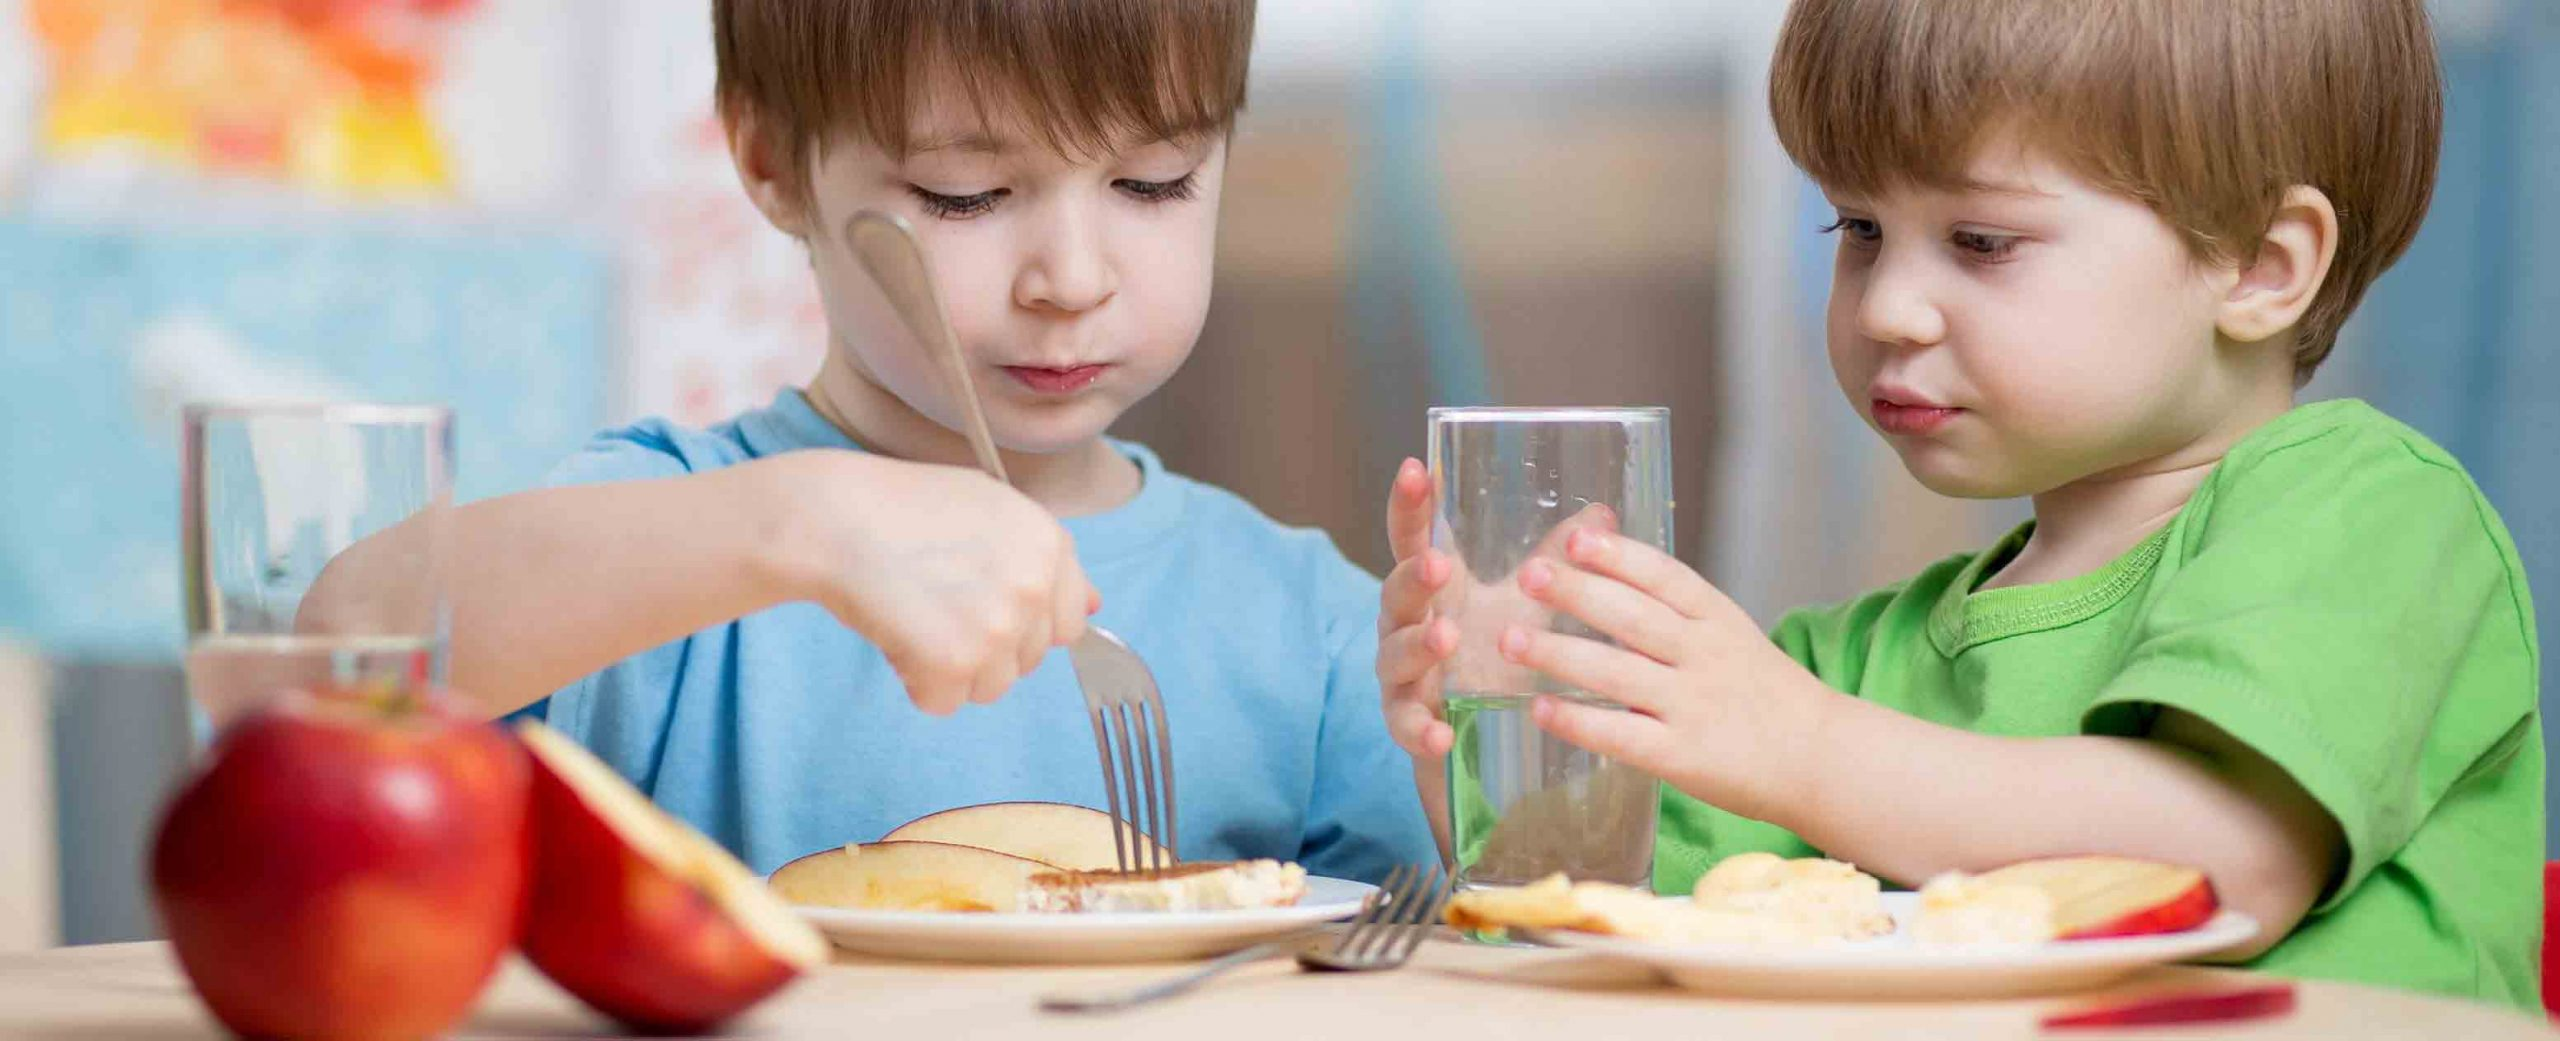 تغذیه کودک کم وزن | مرکز پارسیان مهرپرور